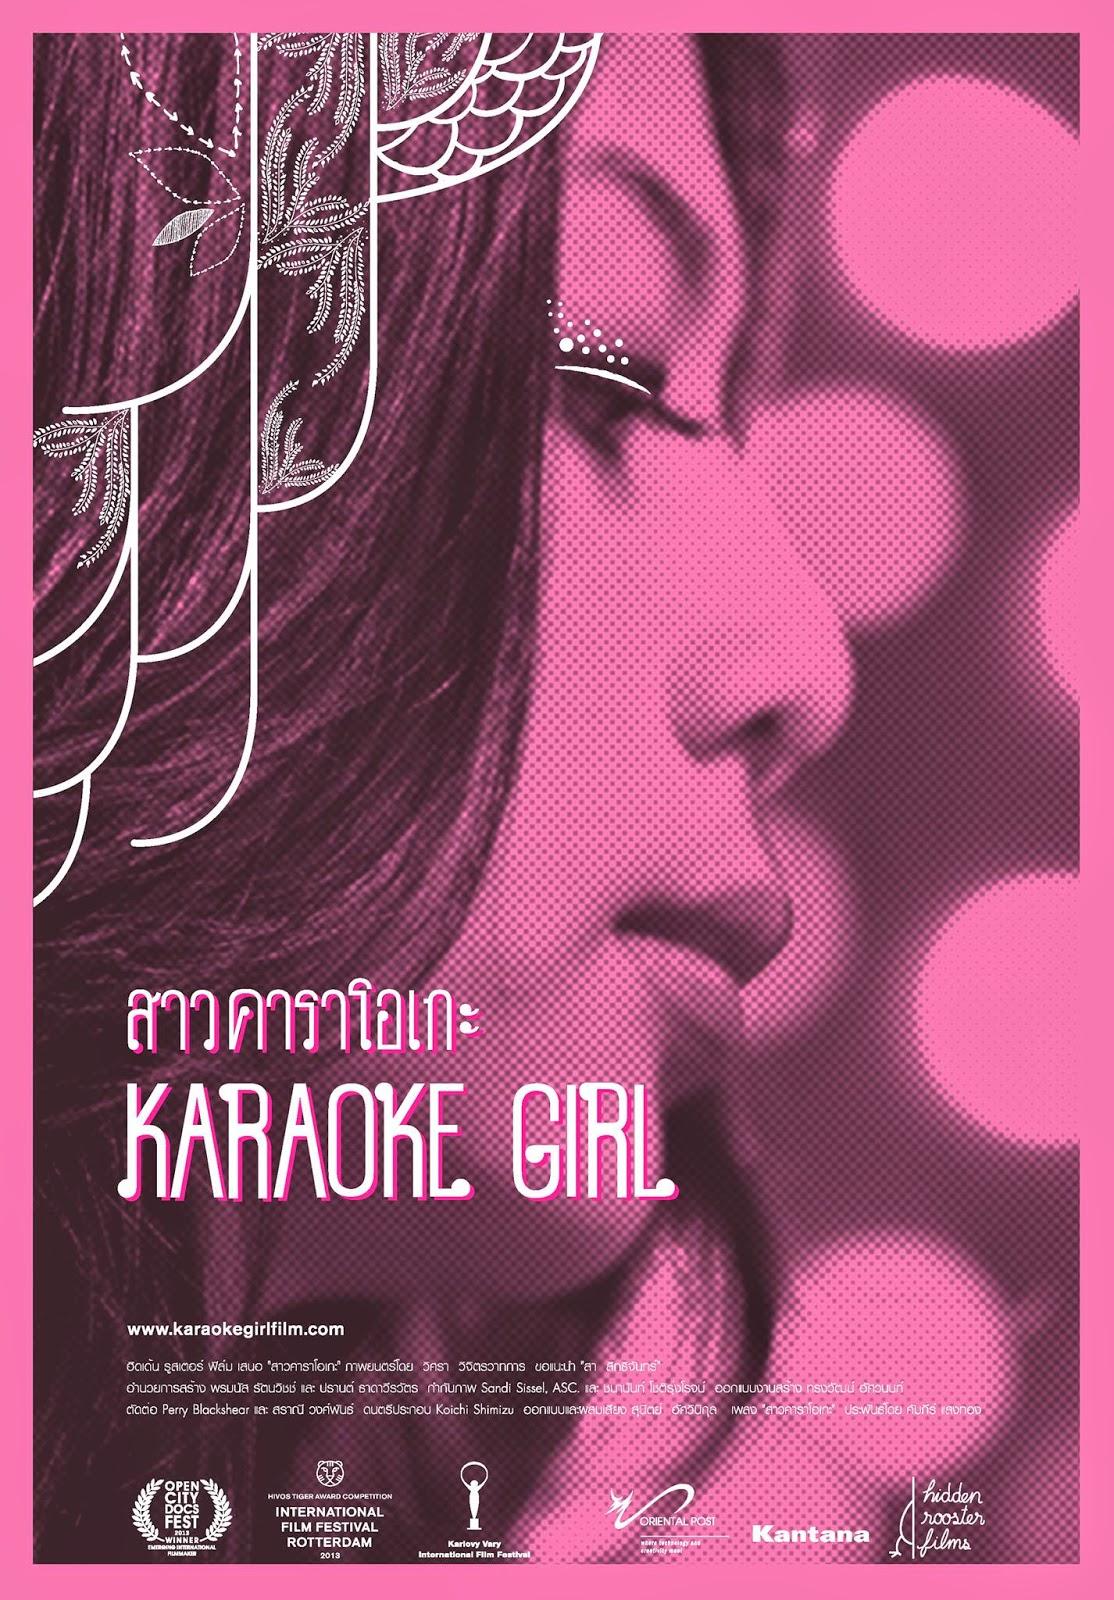 Karaoke Girl - Home   Facebook